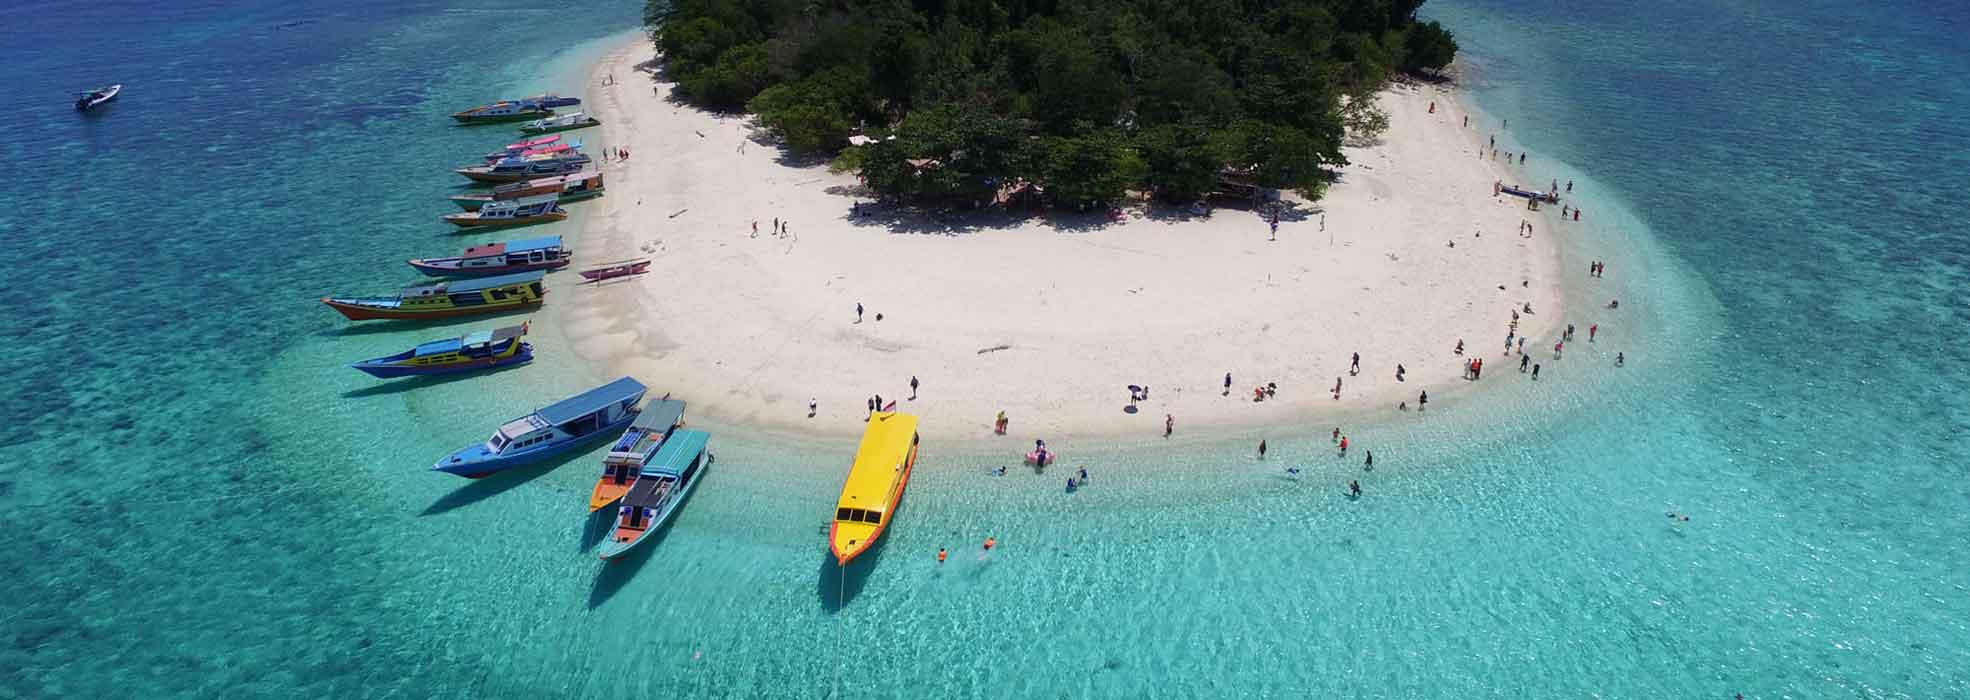 Adventureindonesia.travel